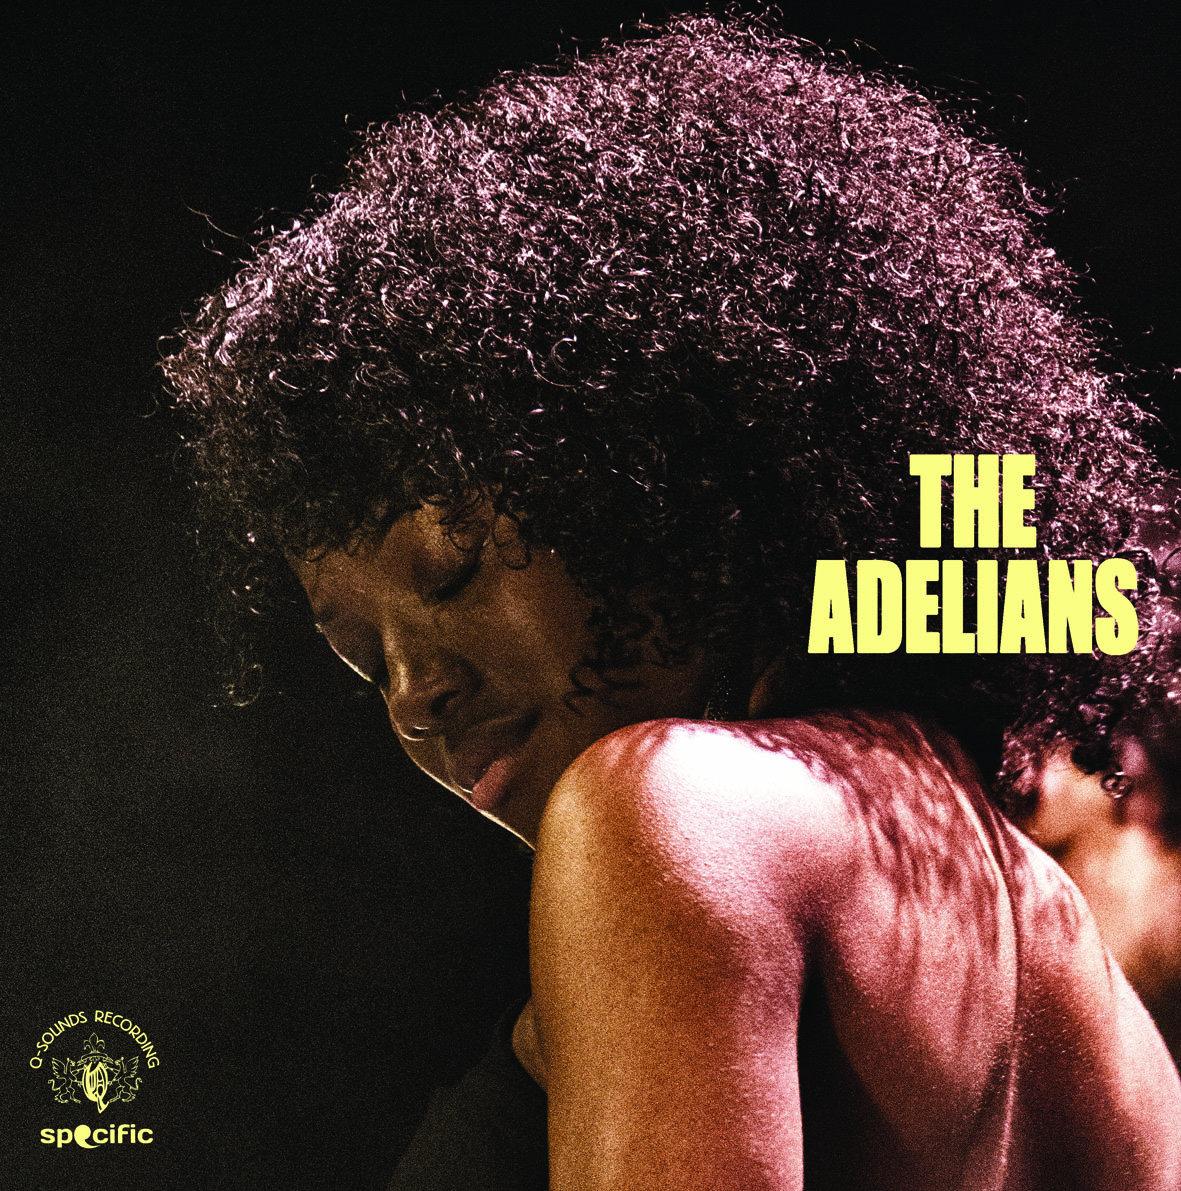 Caption: The Adelians